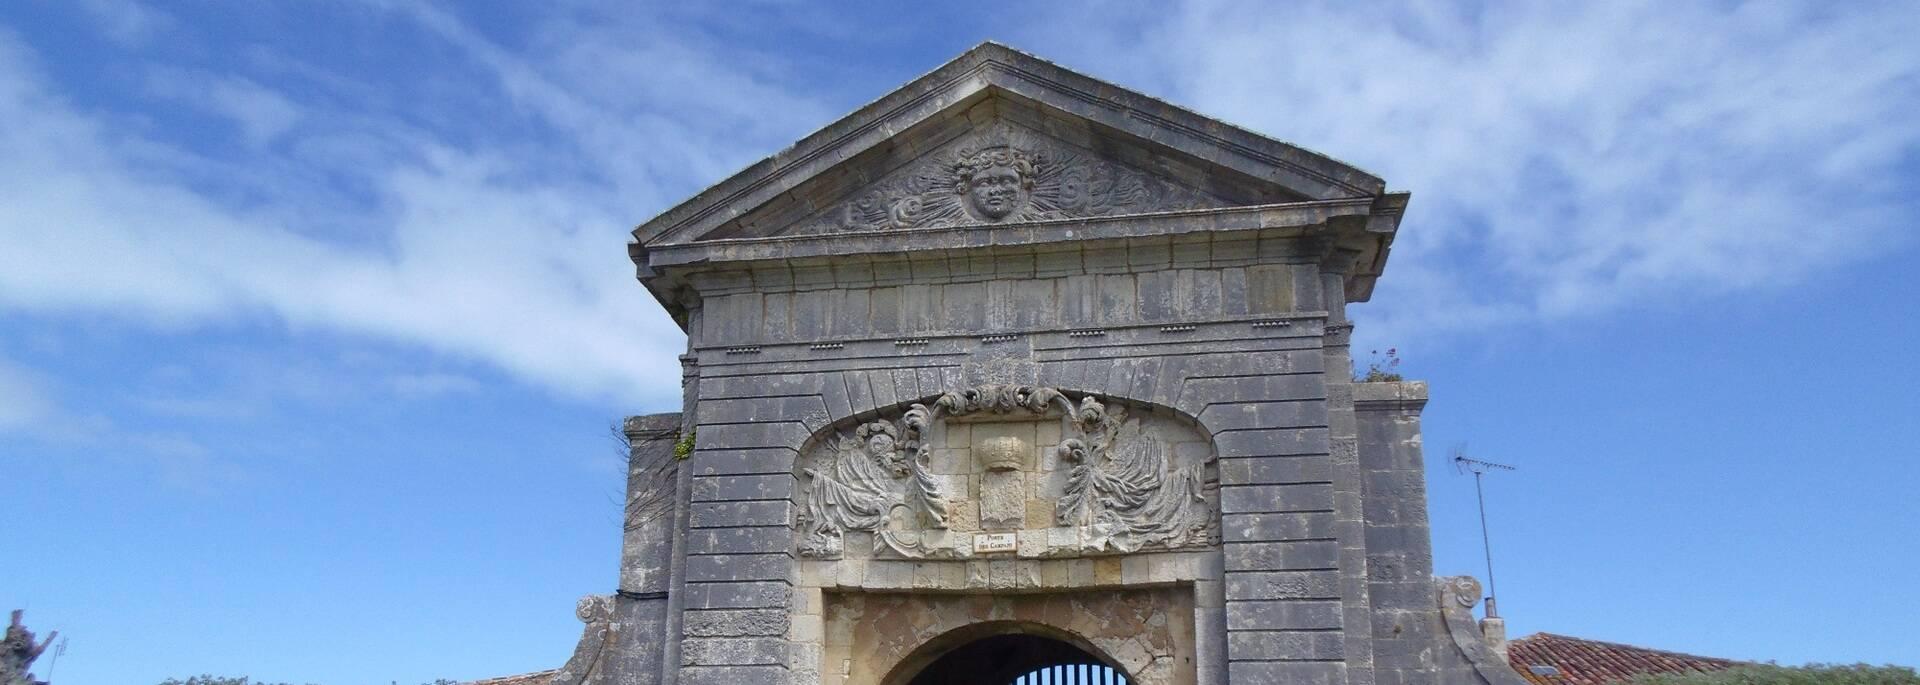 Fortification saint martin de ré ©FDHPA 17